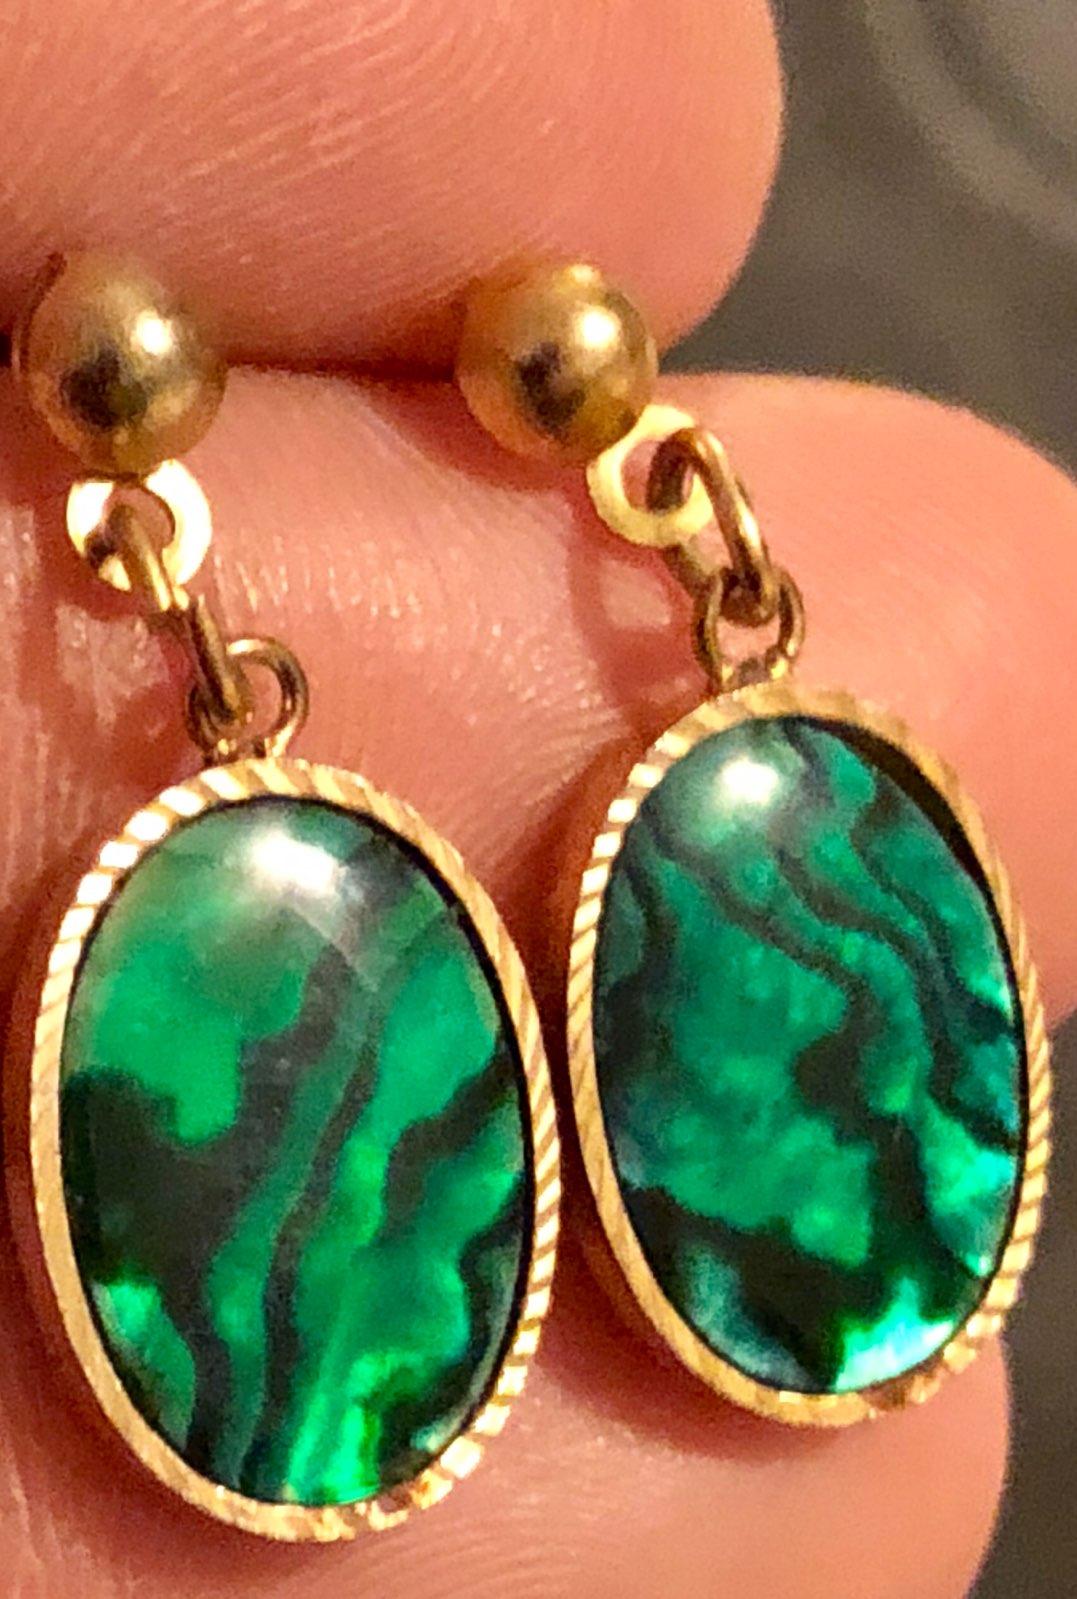 Beautiful Green Earrings - Mercari: BUY & SELL THINGS YOU LOVE